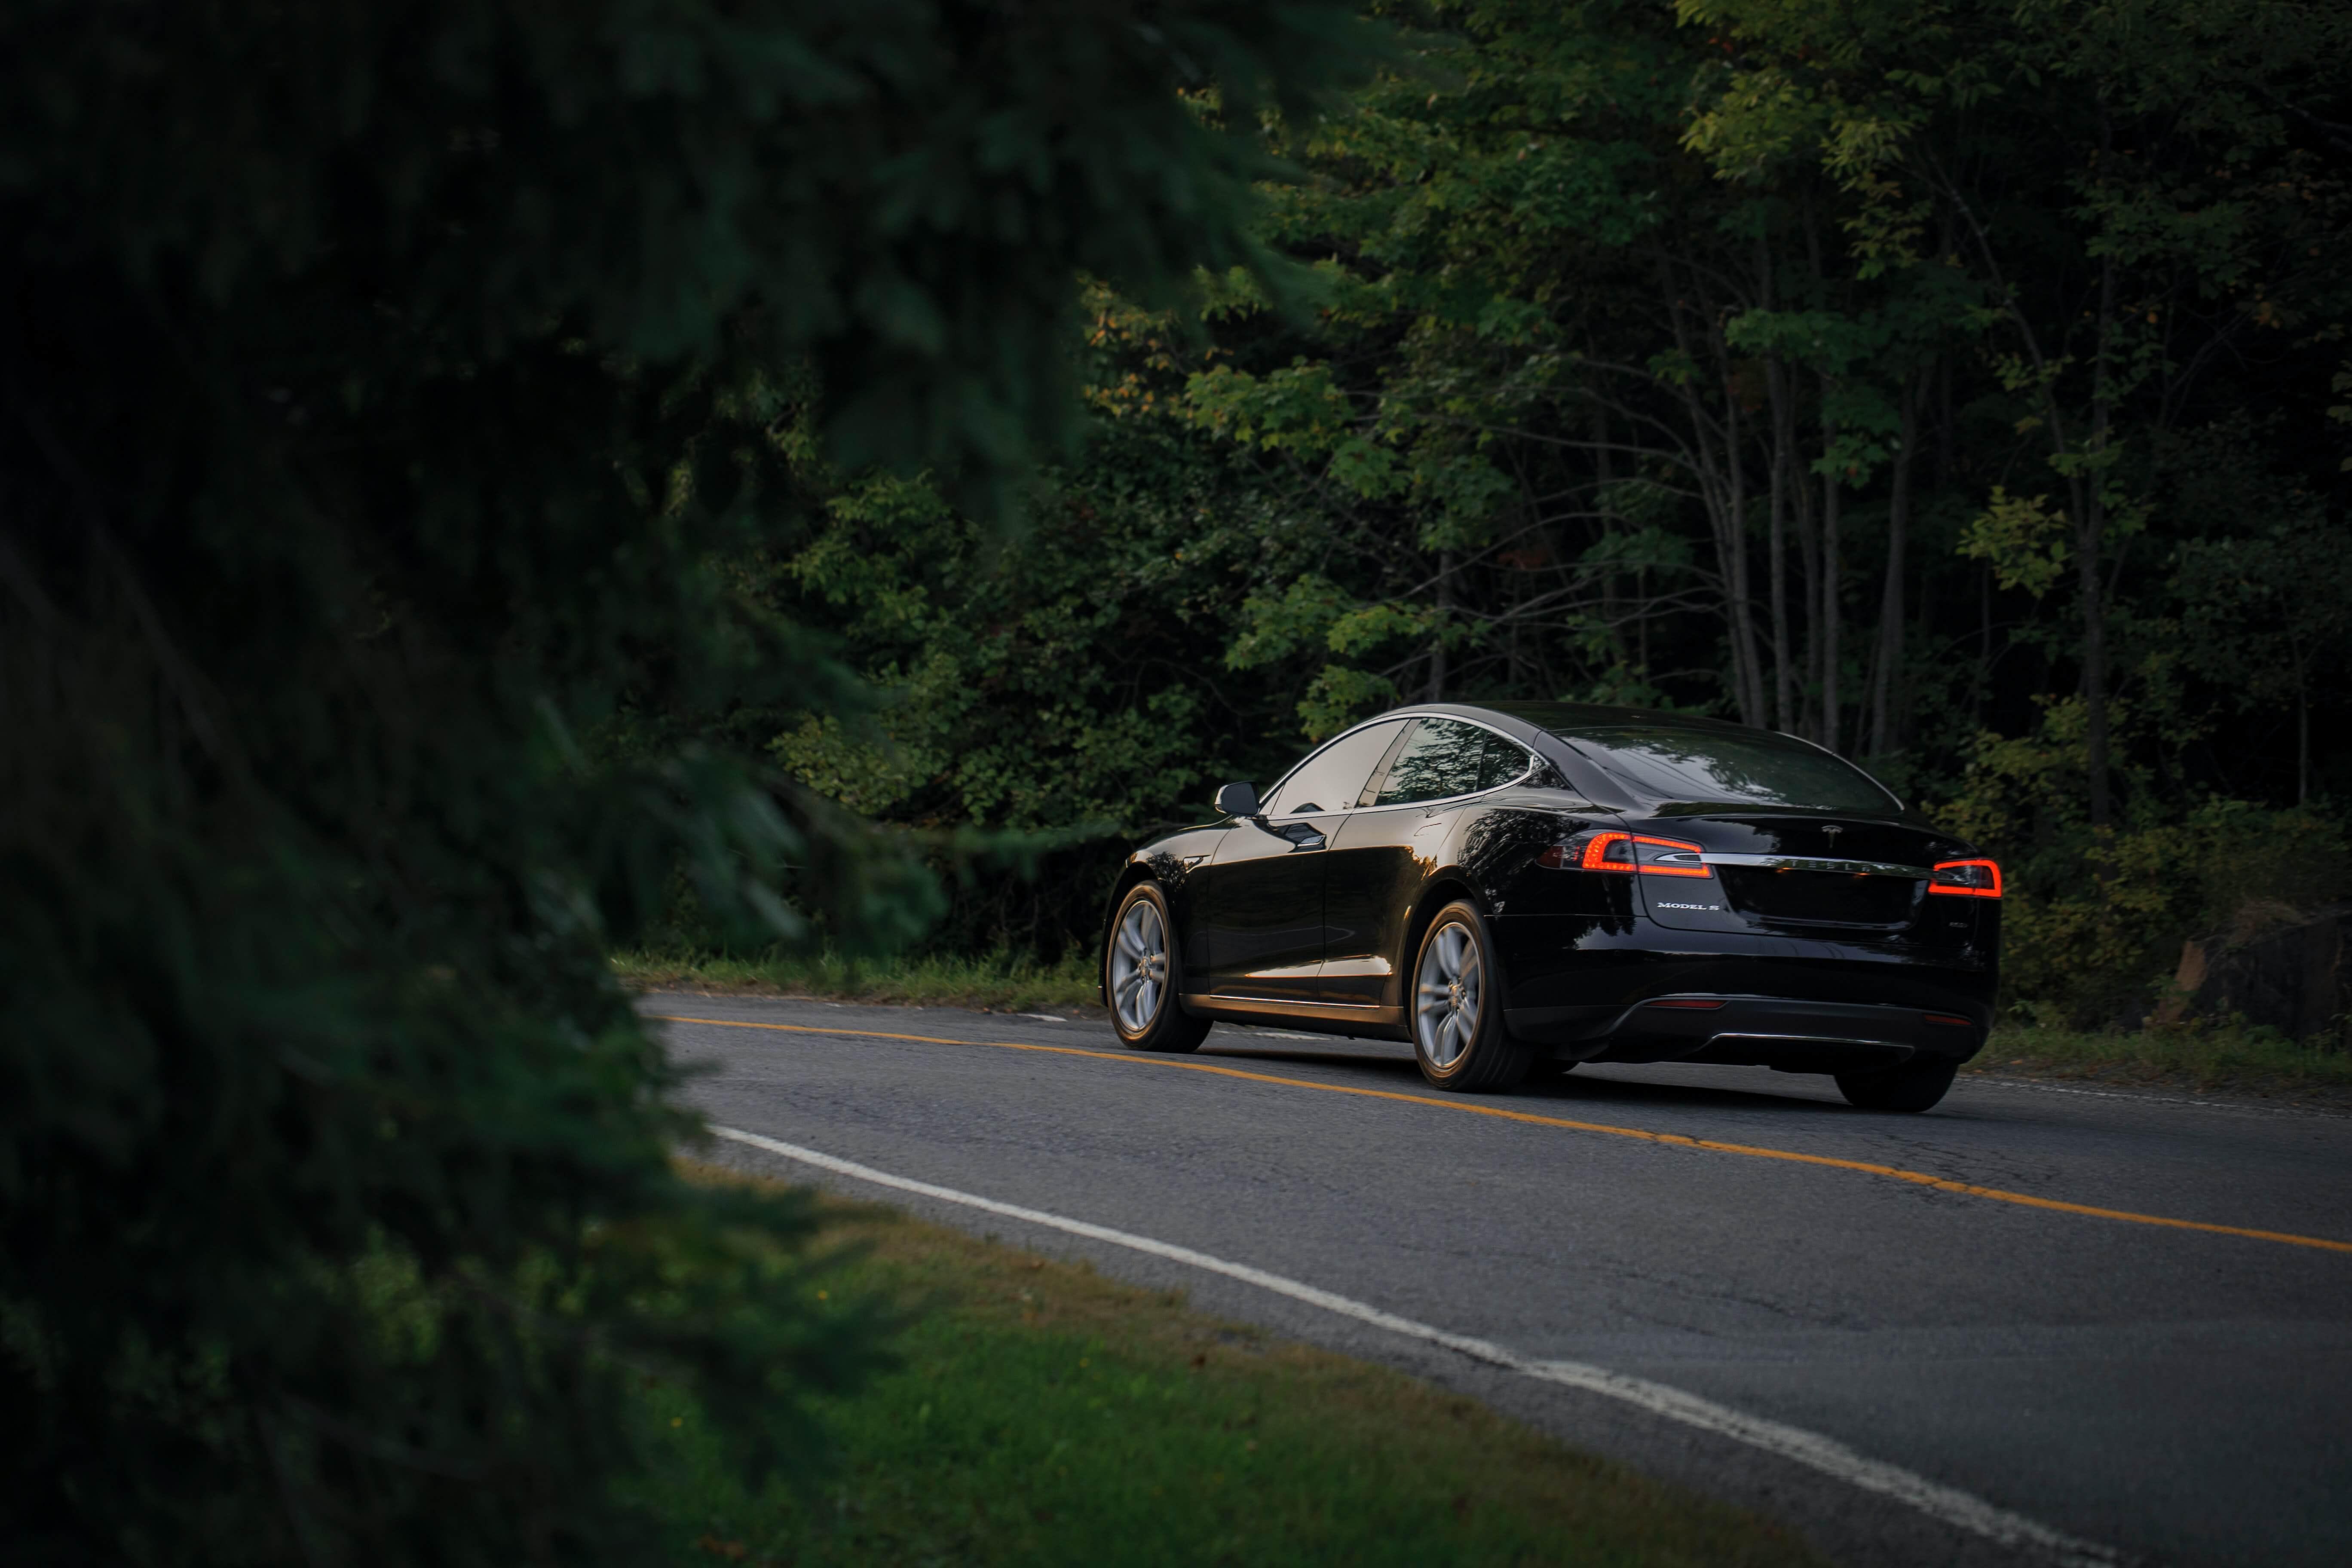 viatura elétrica numa estrada entre o bosque